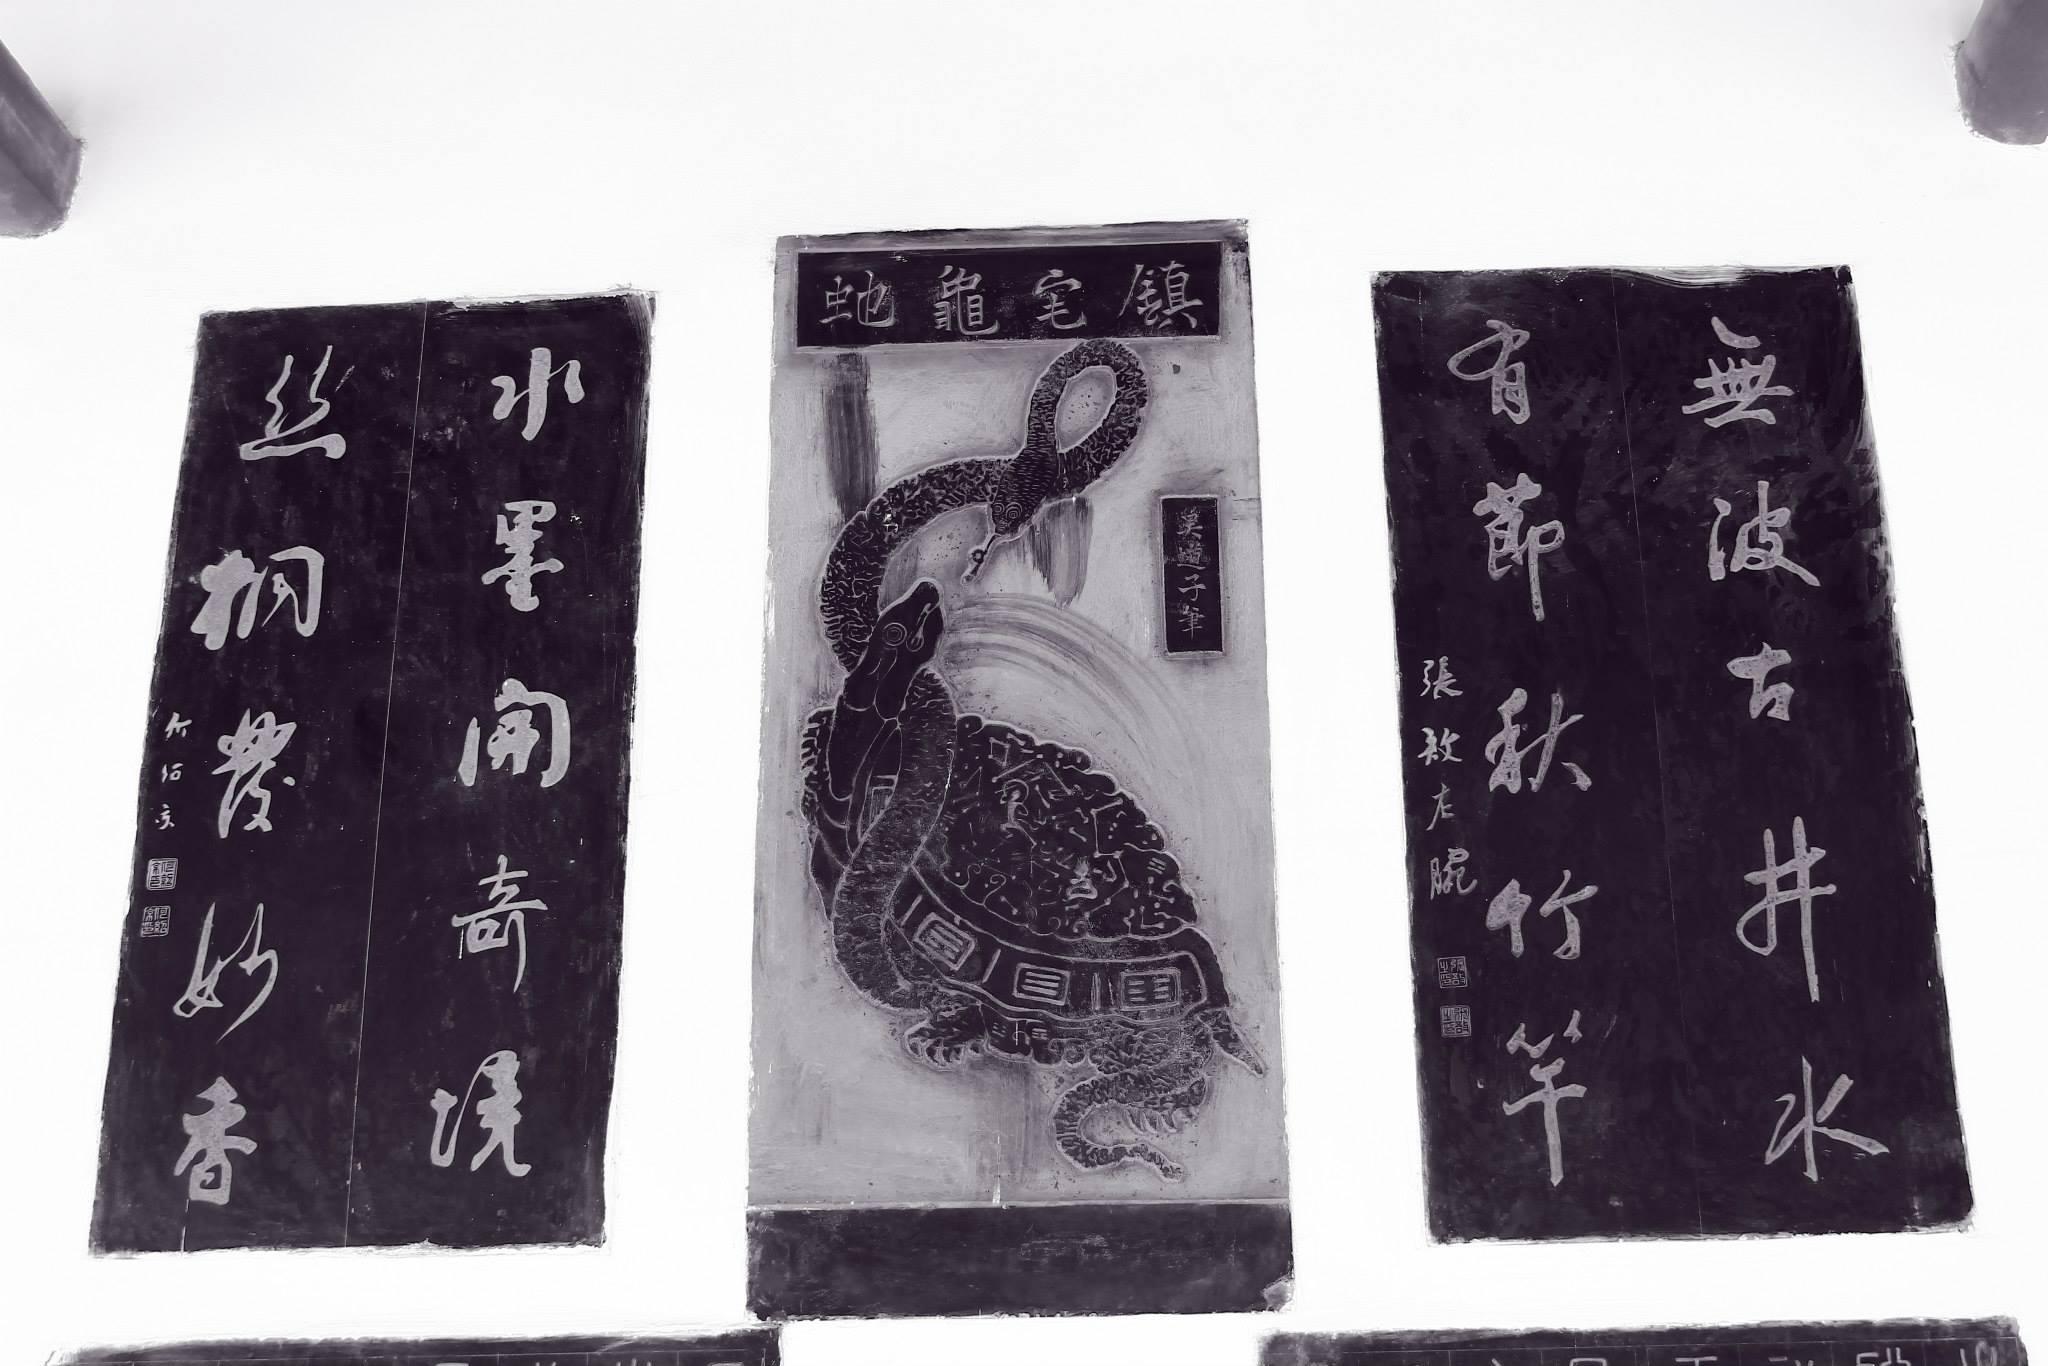 Voyage Chine 2015 - La tortue noire du nord (玄武: xuán wǔ) au temple des Huit Immortels (八仙 宮 Baxian Gong) à Xi'an - Photographie de Jean-Richard Grondin